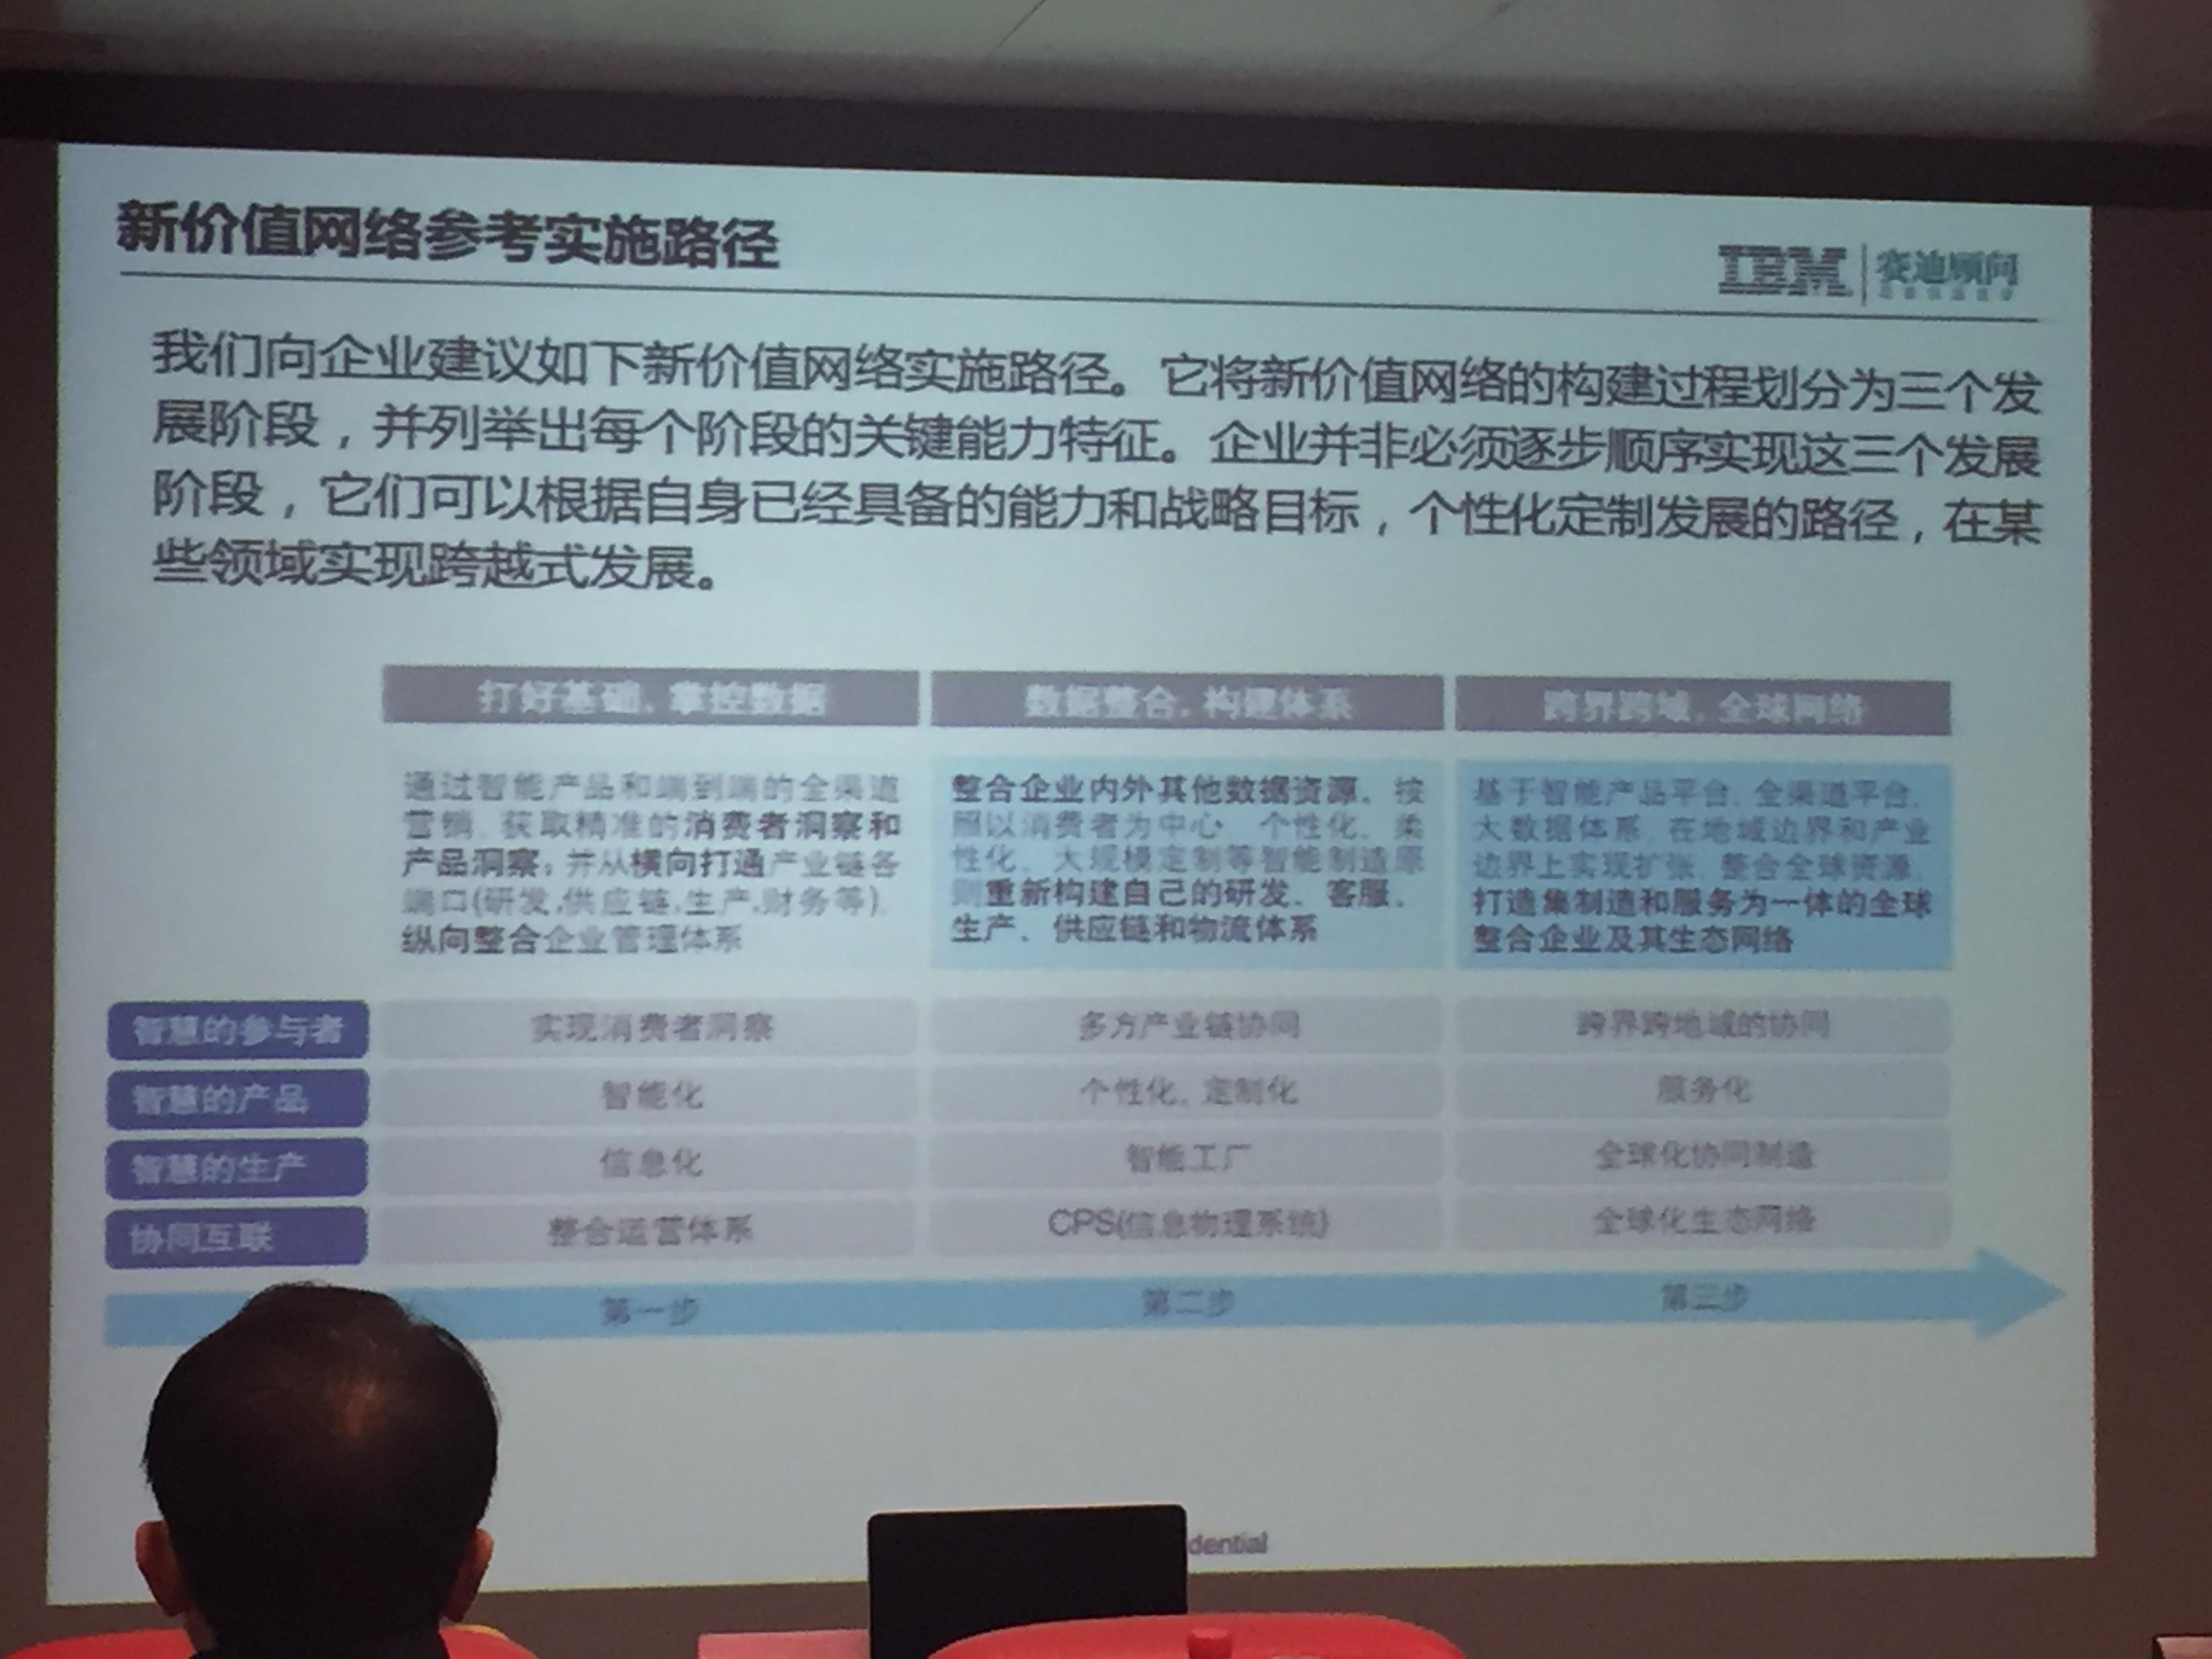 《中国制造业走向2025》从构建新价值网络开始